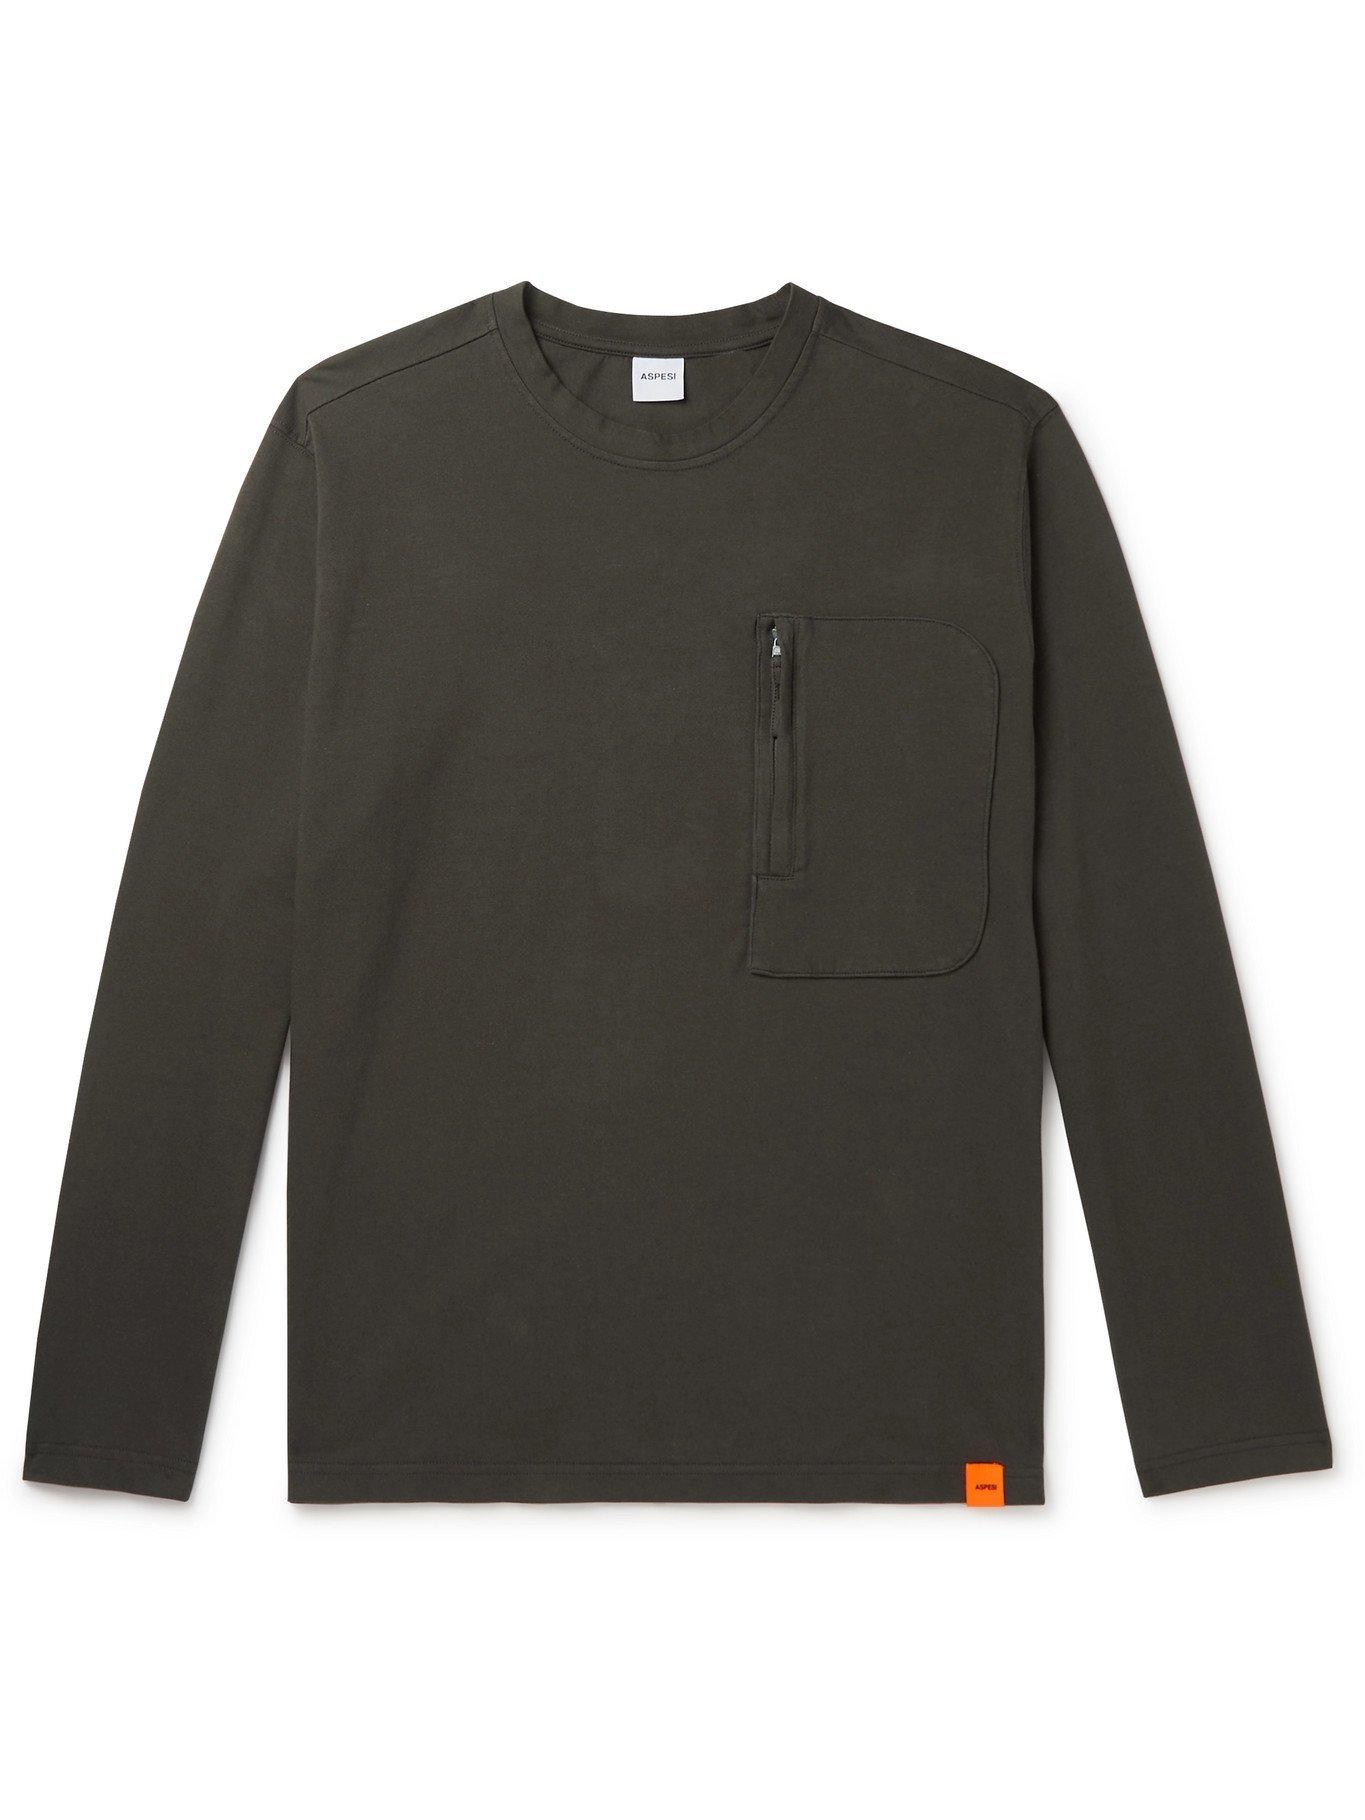 Photo: ASPESI - Cotton-Jersey T-Shirt - Gray - M